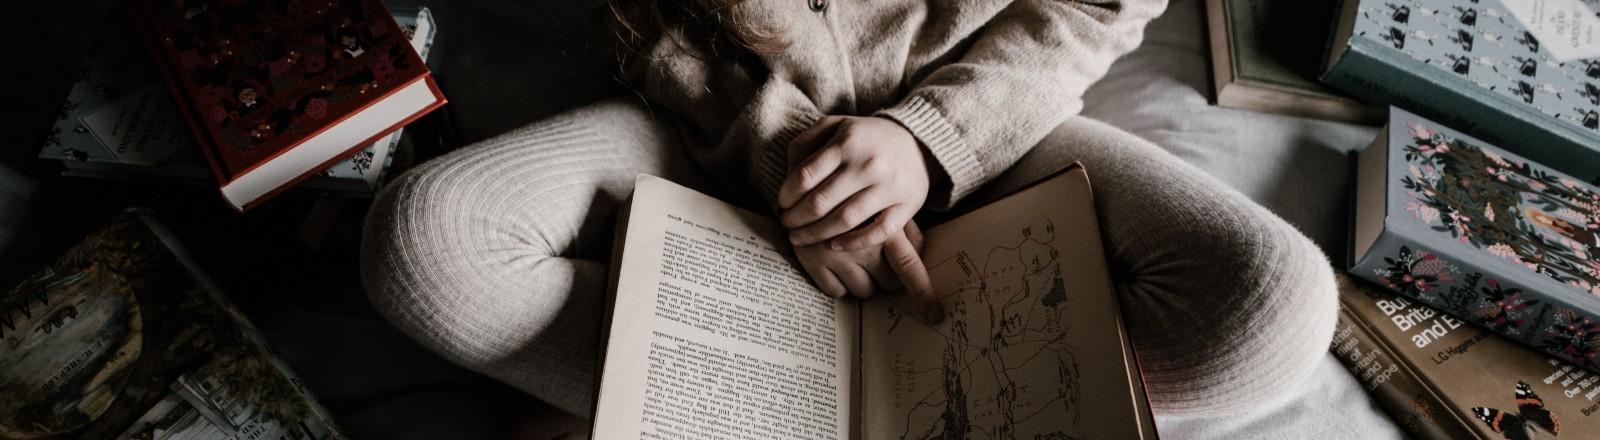 Ein Mädchen liest Bücher im Bett